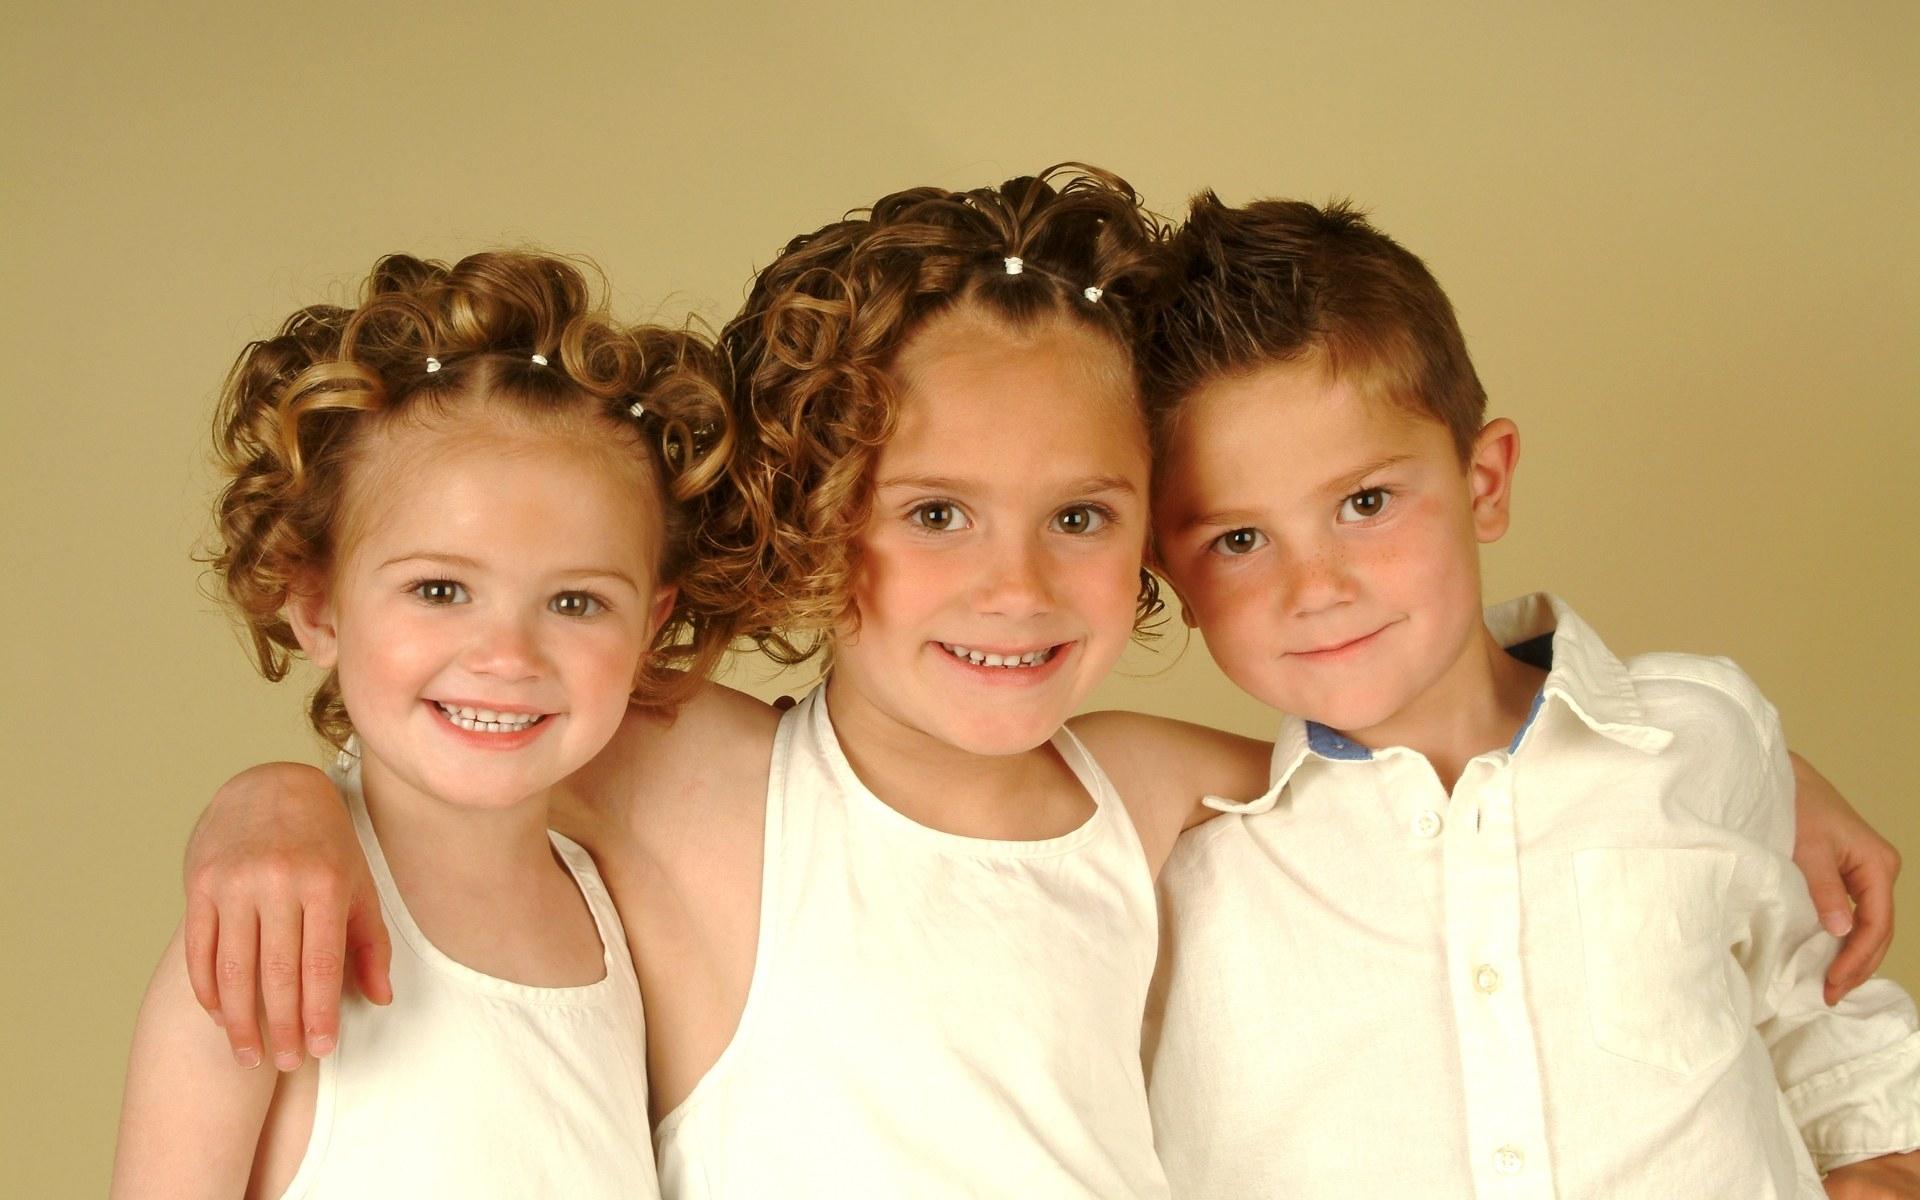 Фото с двумя детьми мальчик и девочка